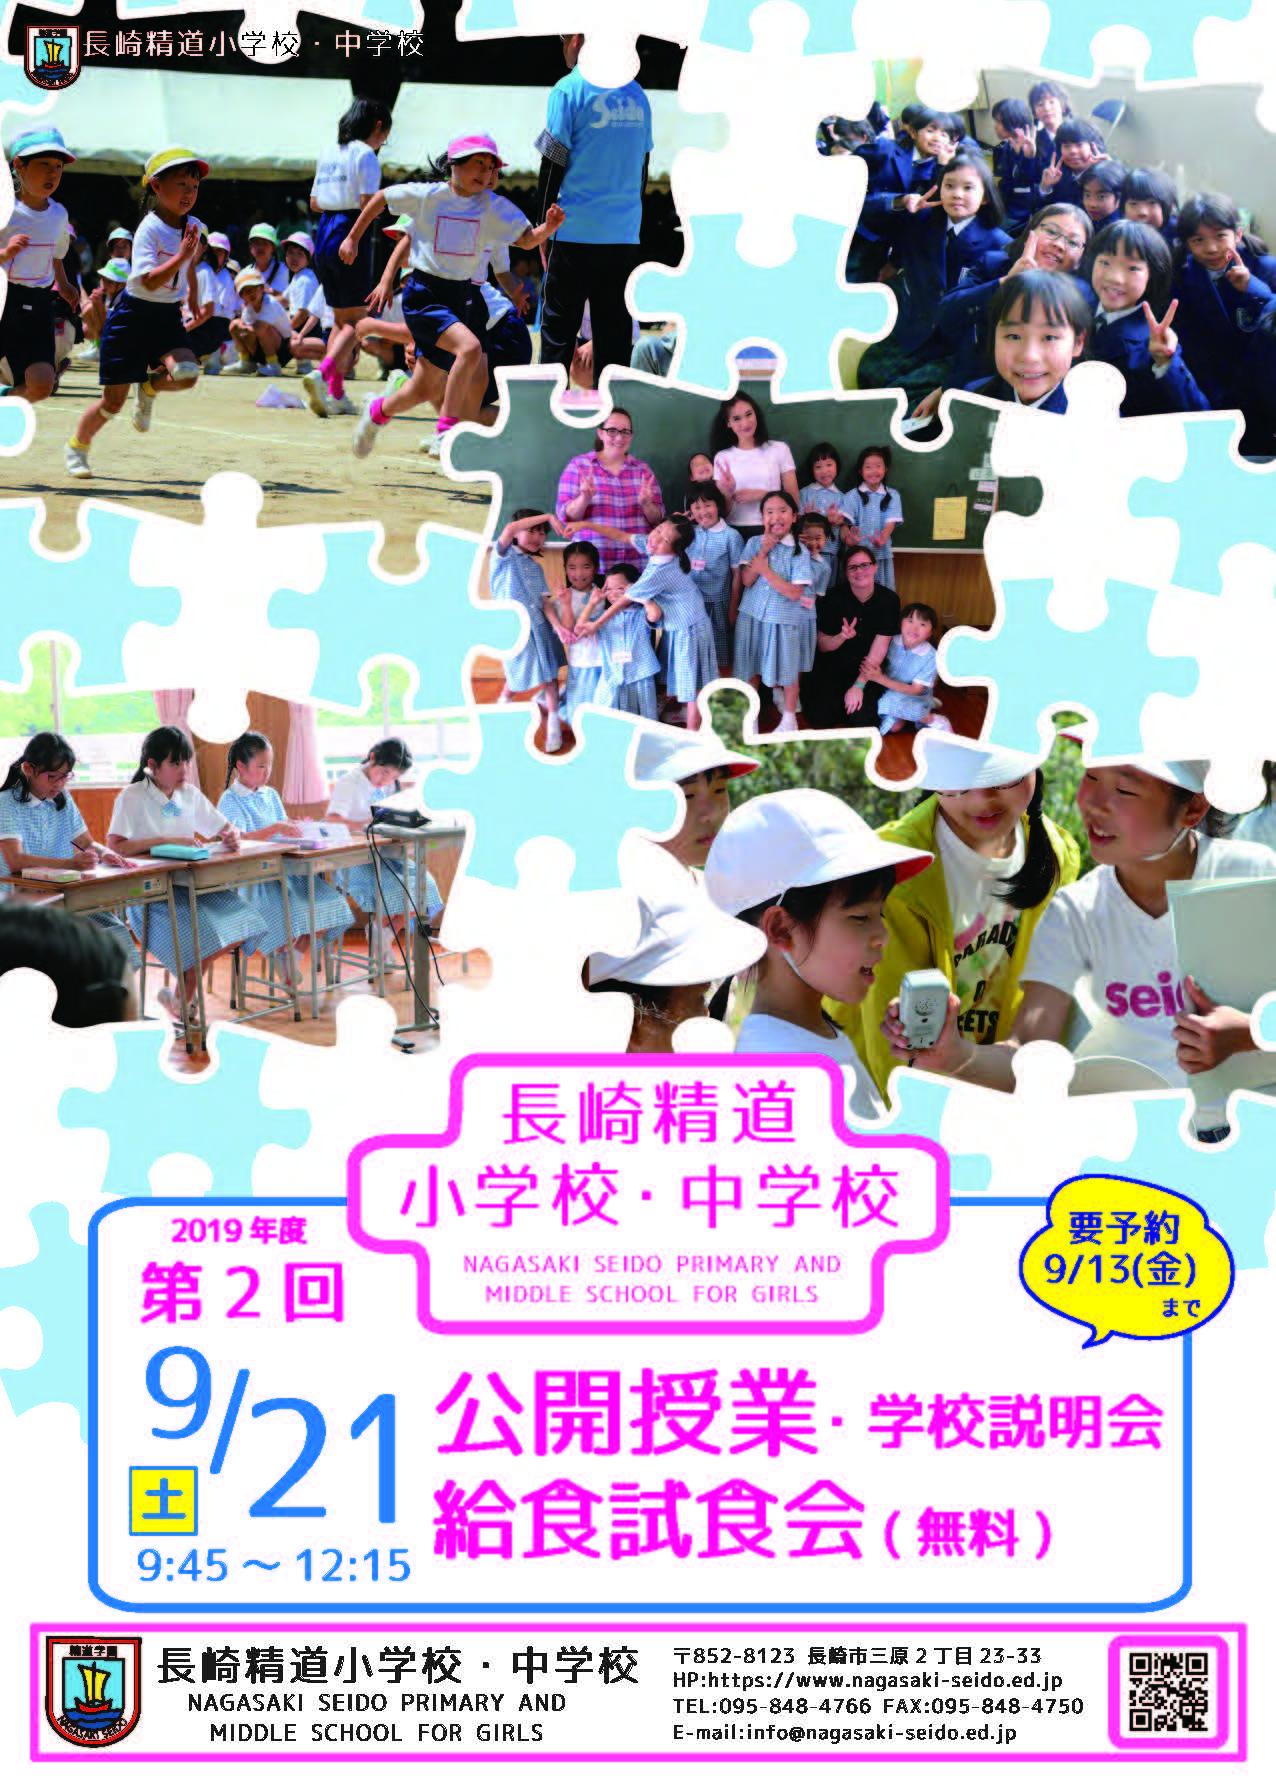 公開授業・試食会20190921